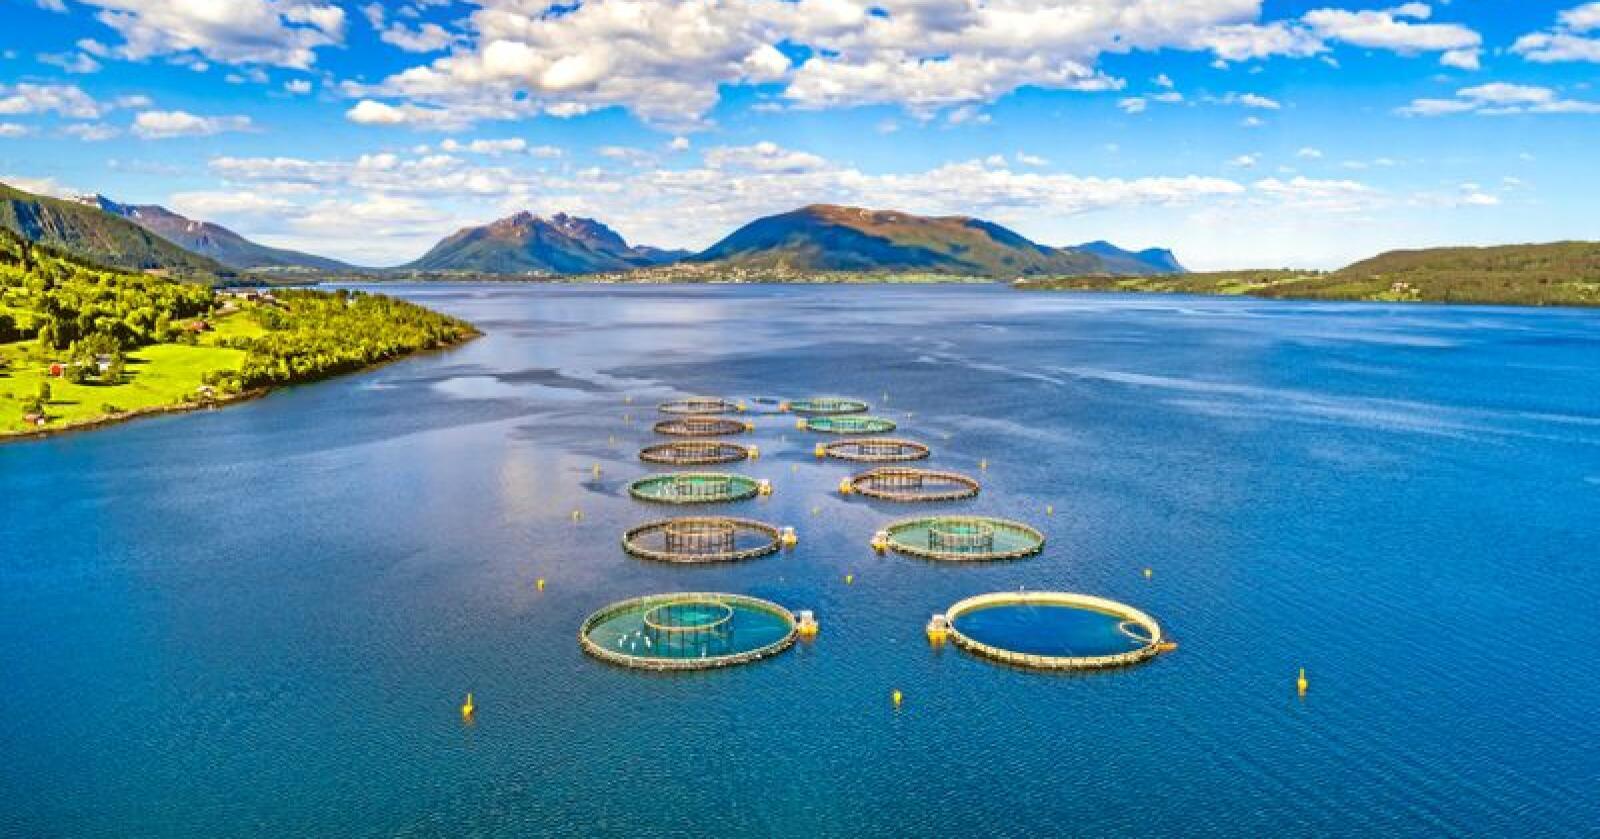 Ikke olje: Fiskeoppdrett.  Foto: Andrey Armyagov / Mostphotos